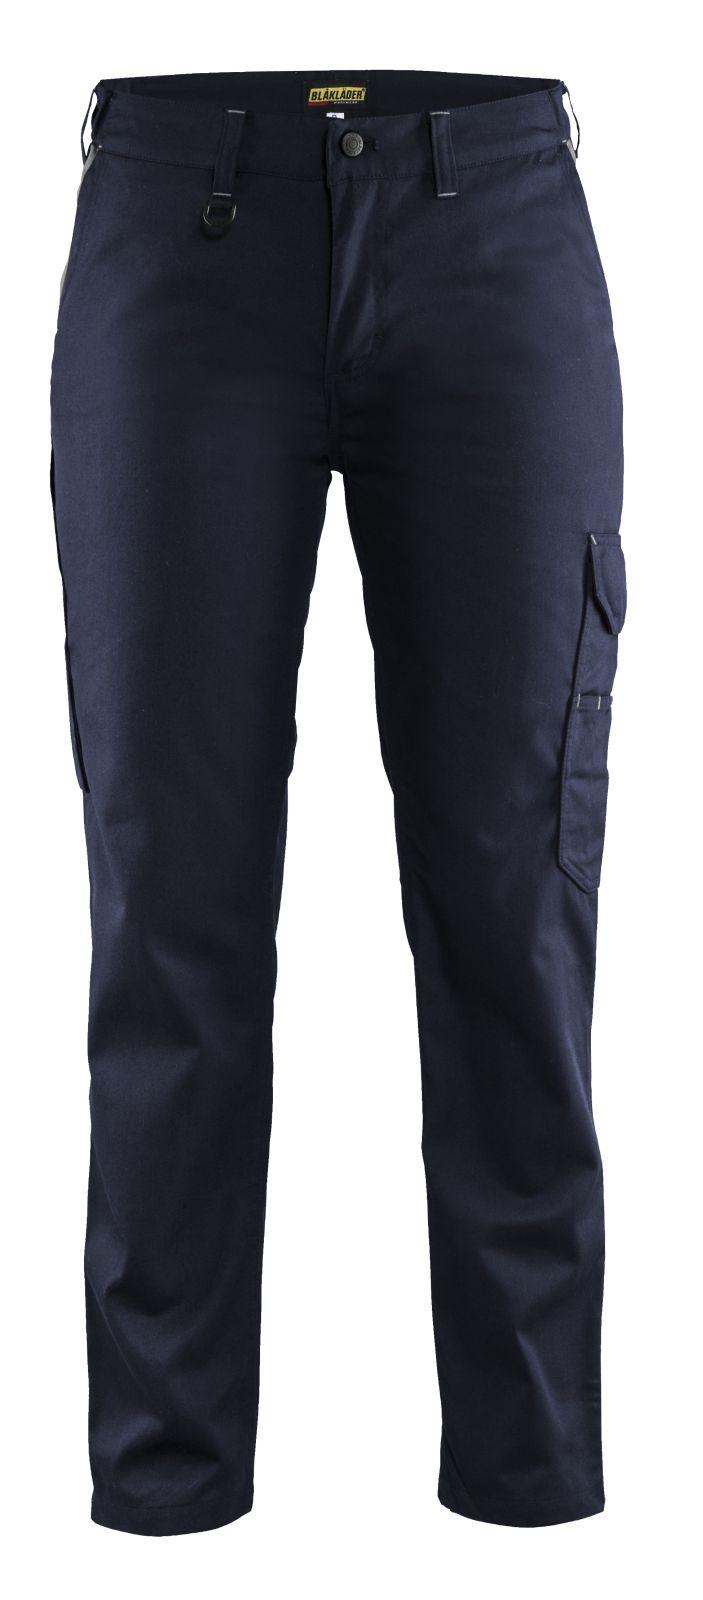 Blaklader Dames werkbroeken 71041800 marineblauw-grijs(8994)